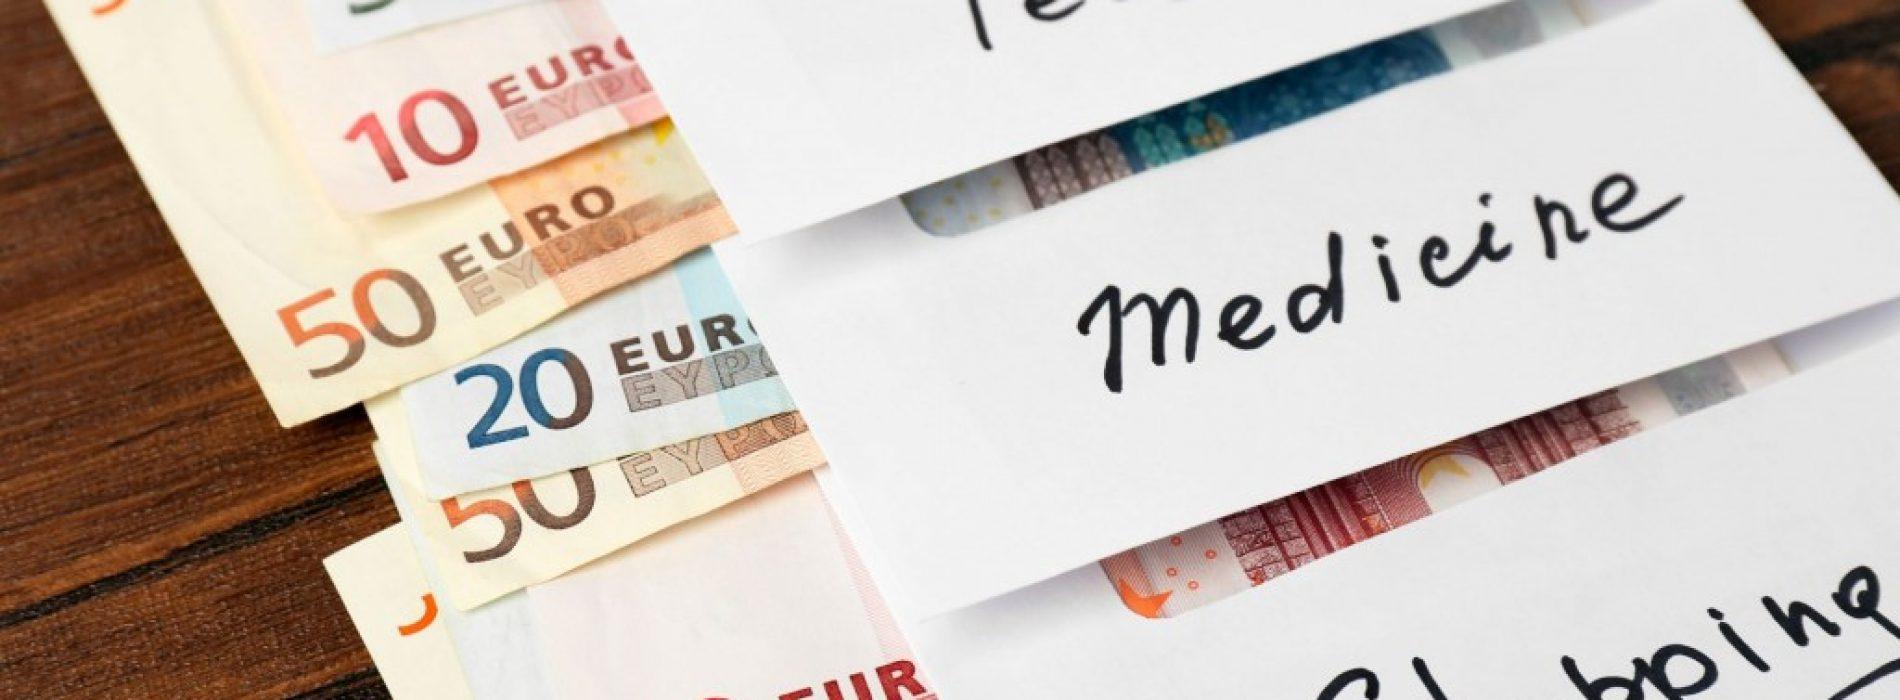 Защо спестяването на пари е по-важно от всякога и кои са най-ефективните начини за това